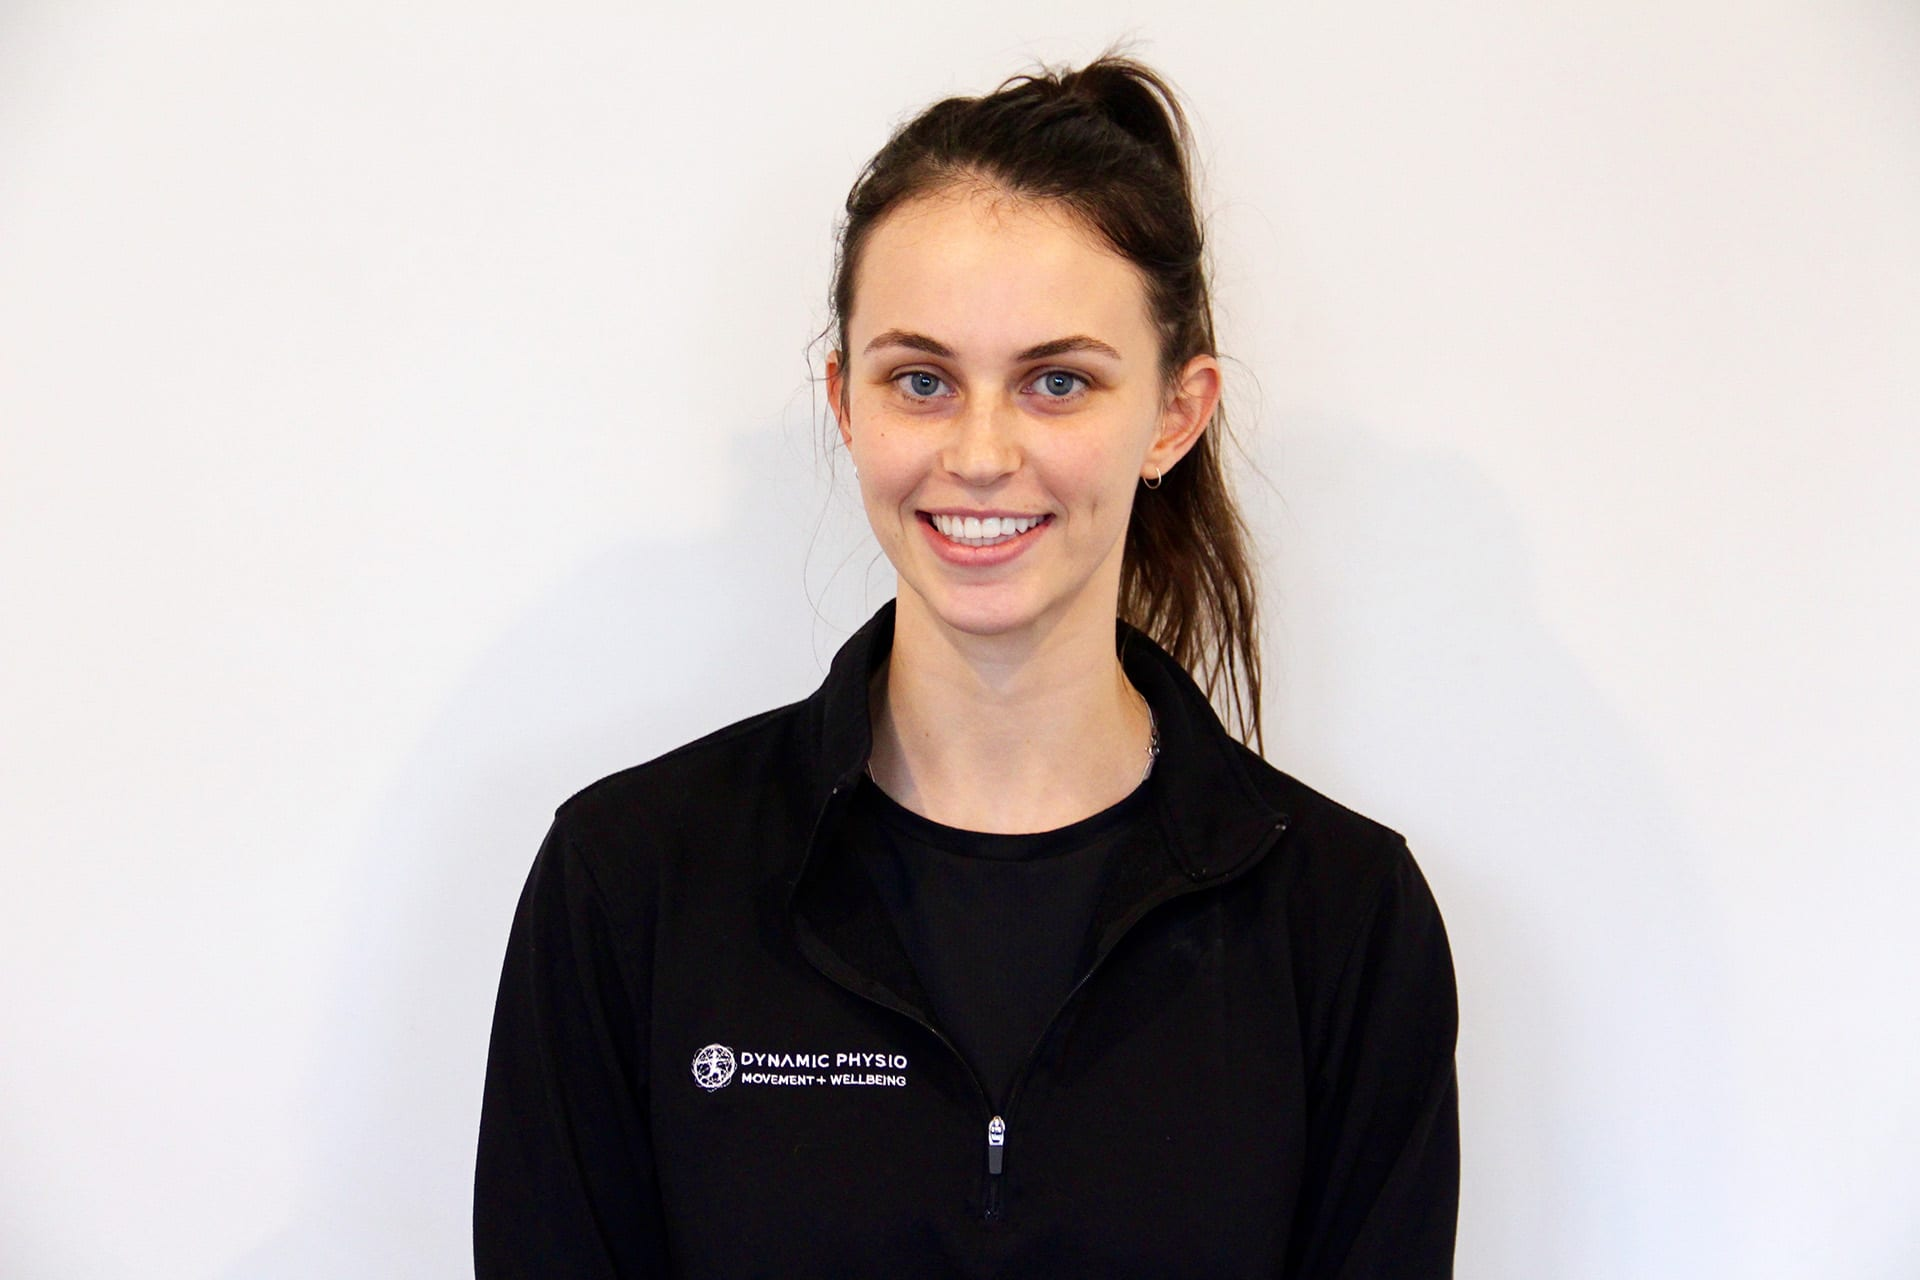 Physiotherapist Laura Houston